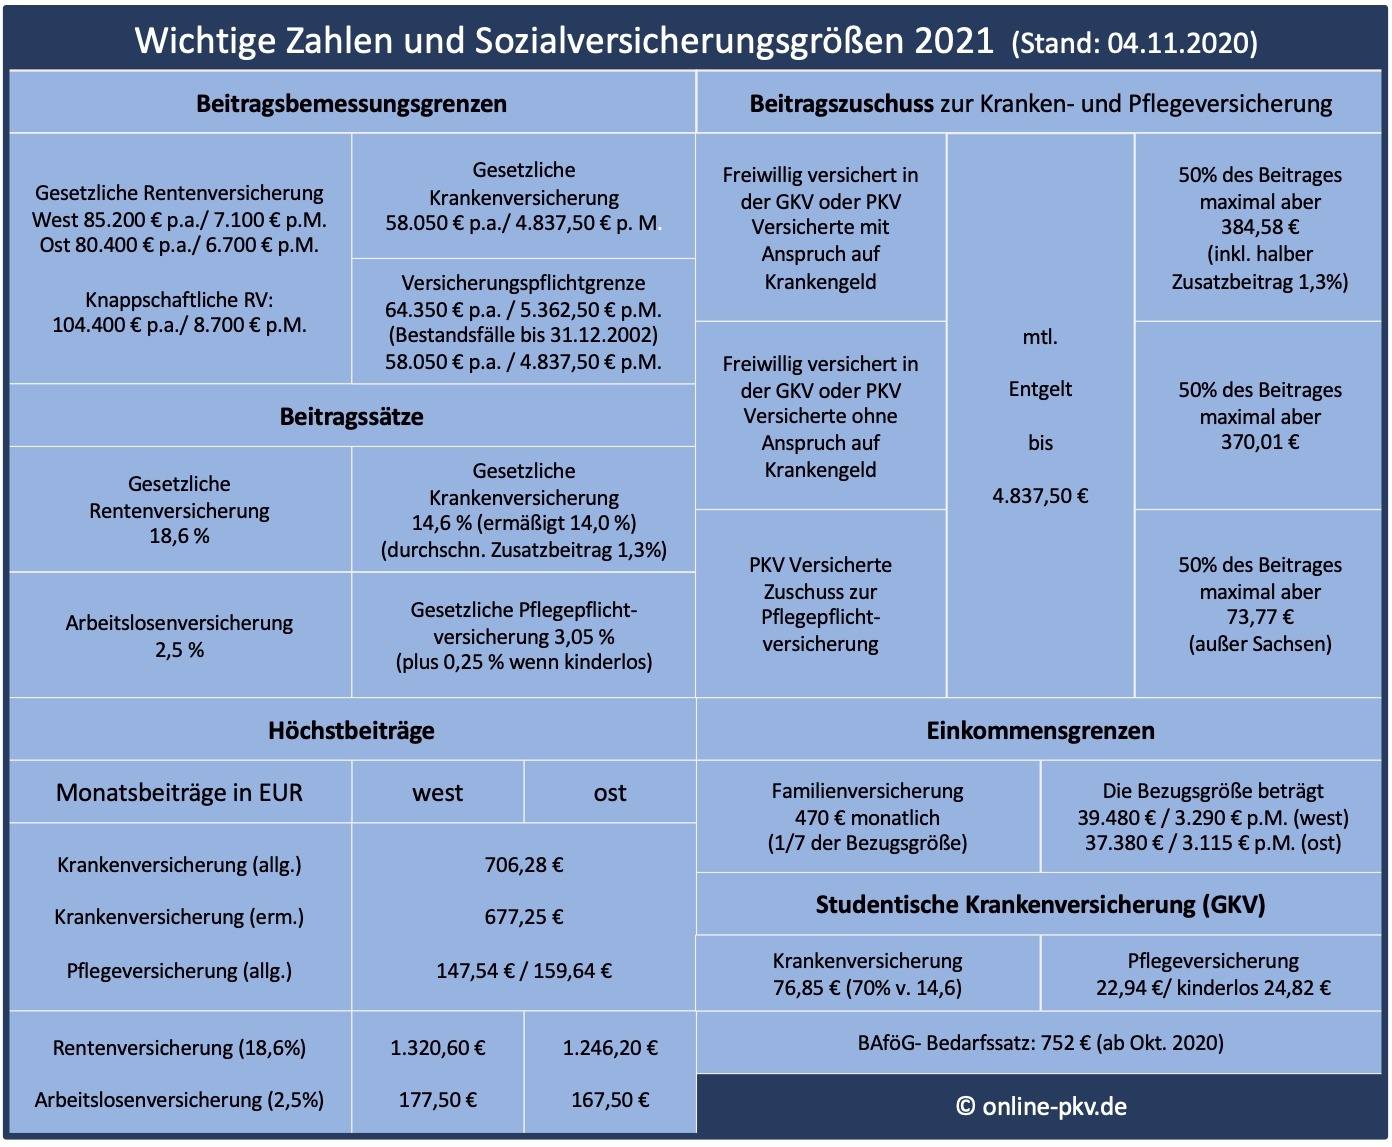 Sozialversicherungswerte 2021 : Tagging ...